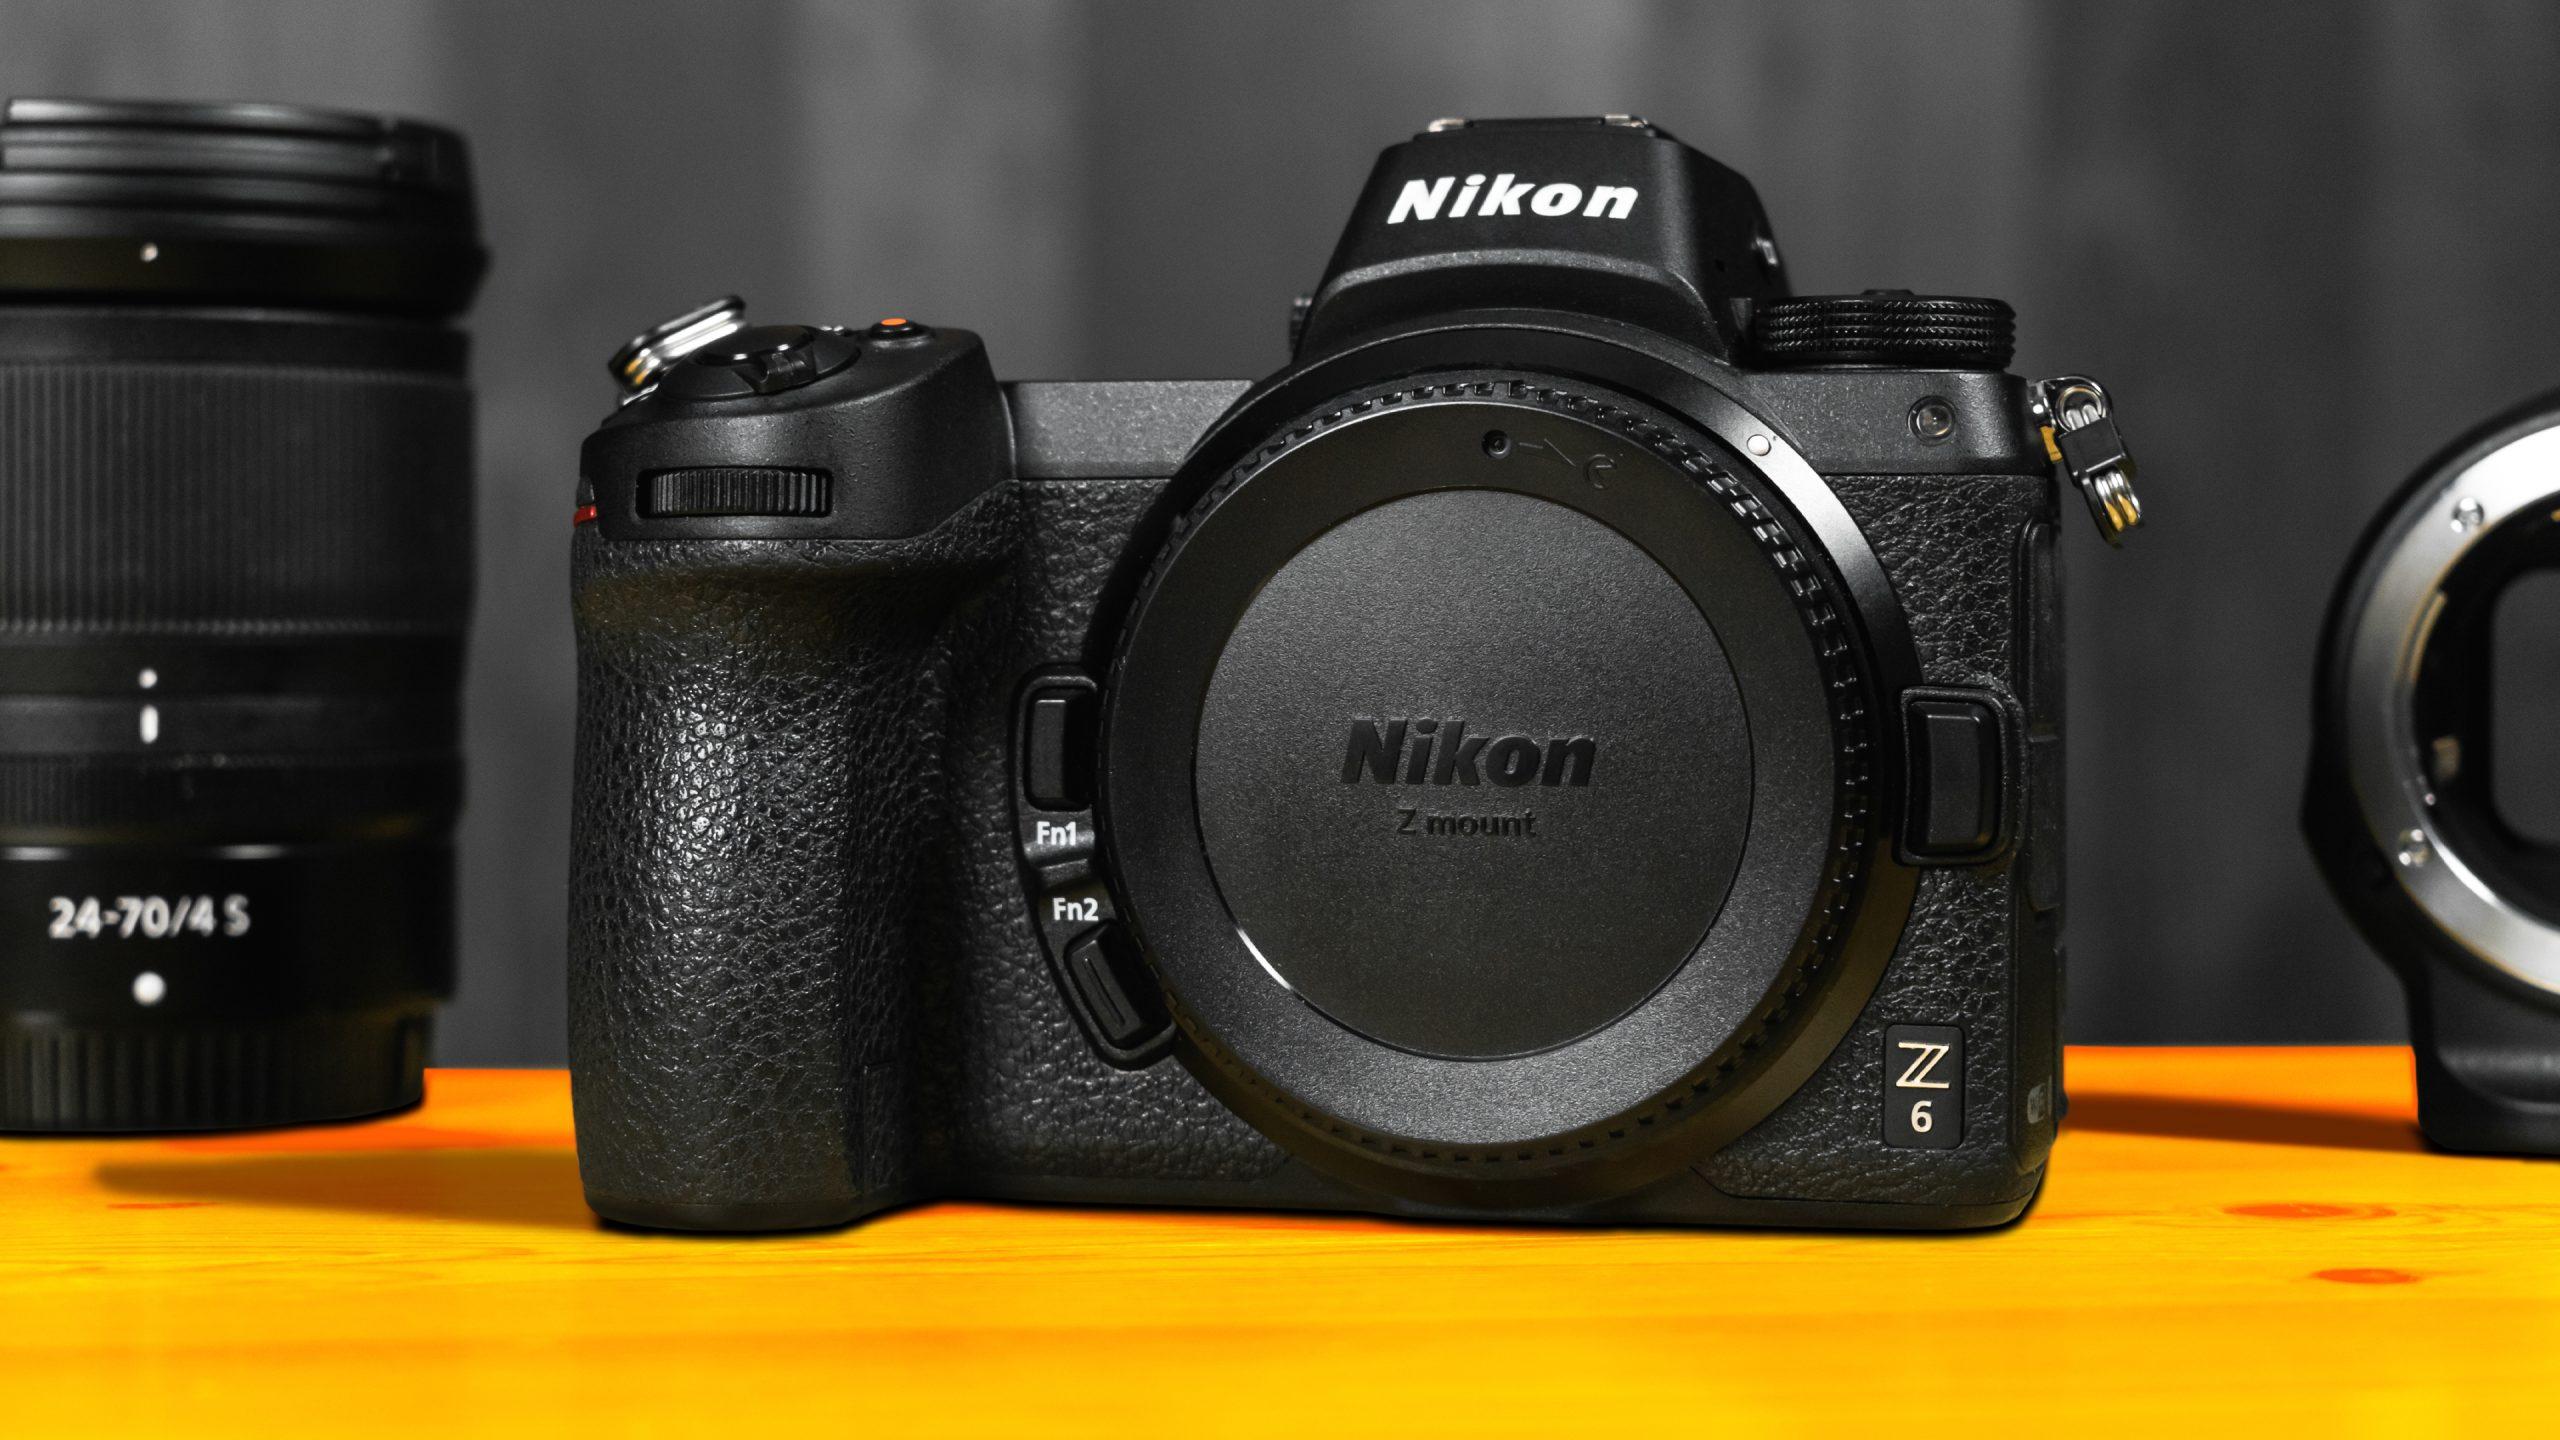 Vooraanzijde van de Nikon Z6 systeemcamera, met aan de zijdes nog net zichtbaar het Nikkor 24-70 F4 S-objectief en de Nikon FTZ-adapter.